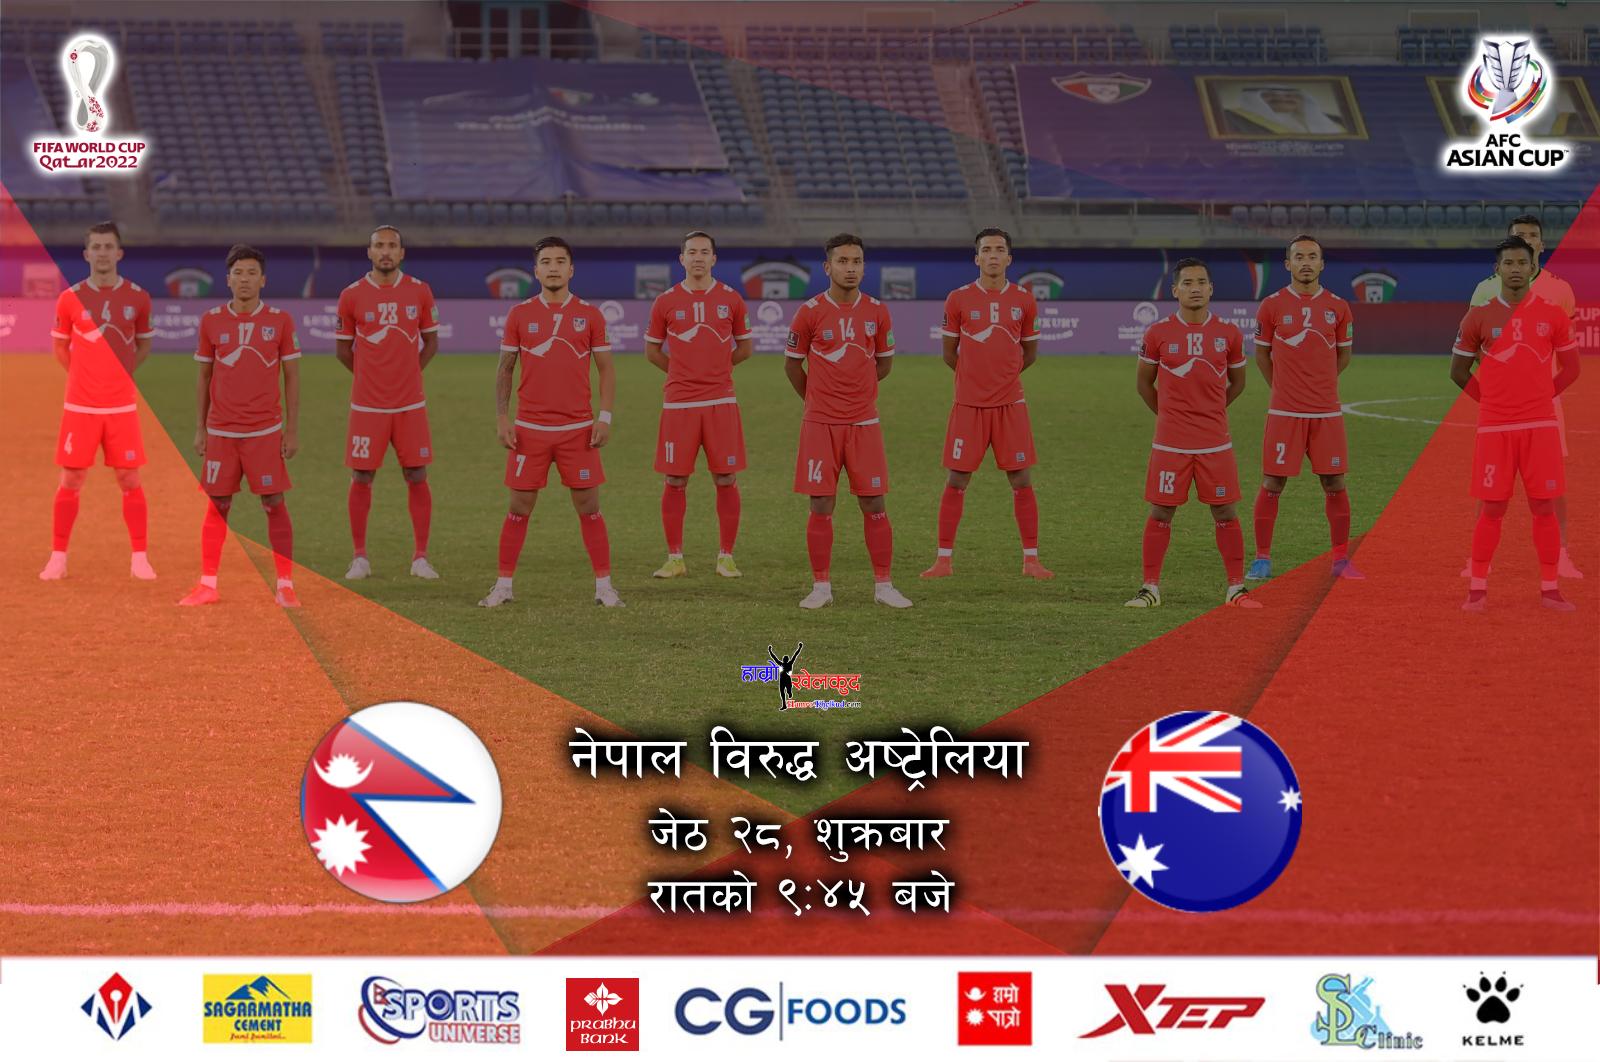 Nepal vs Australia Live stream